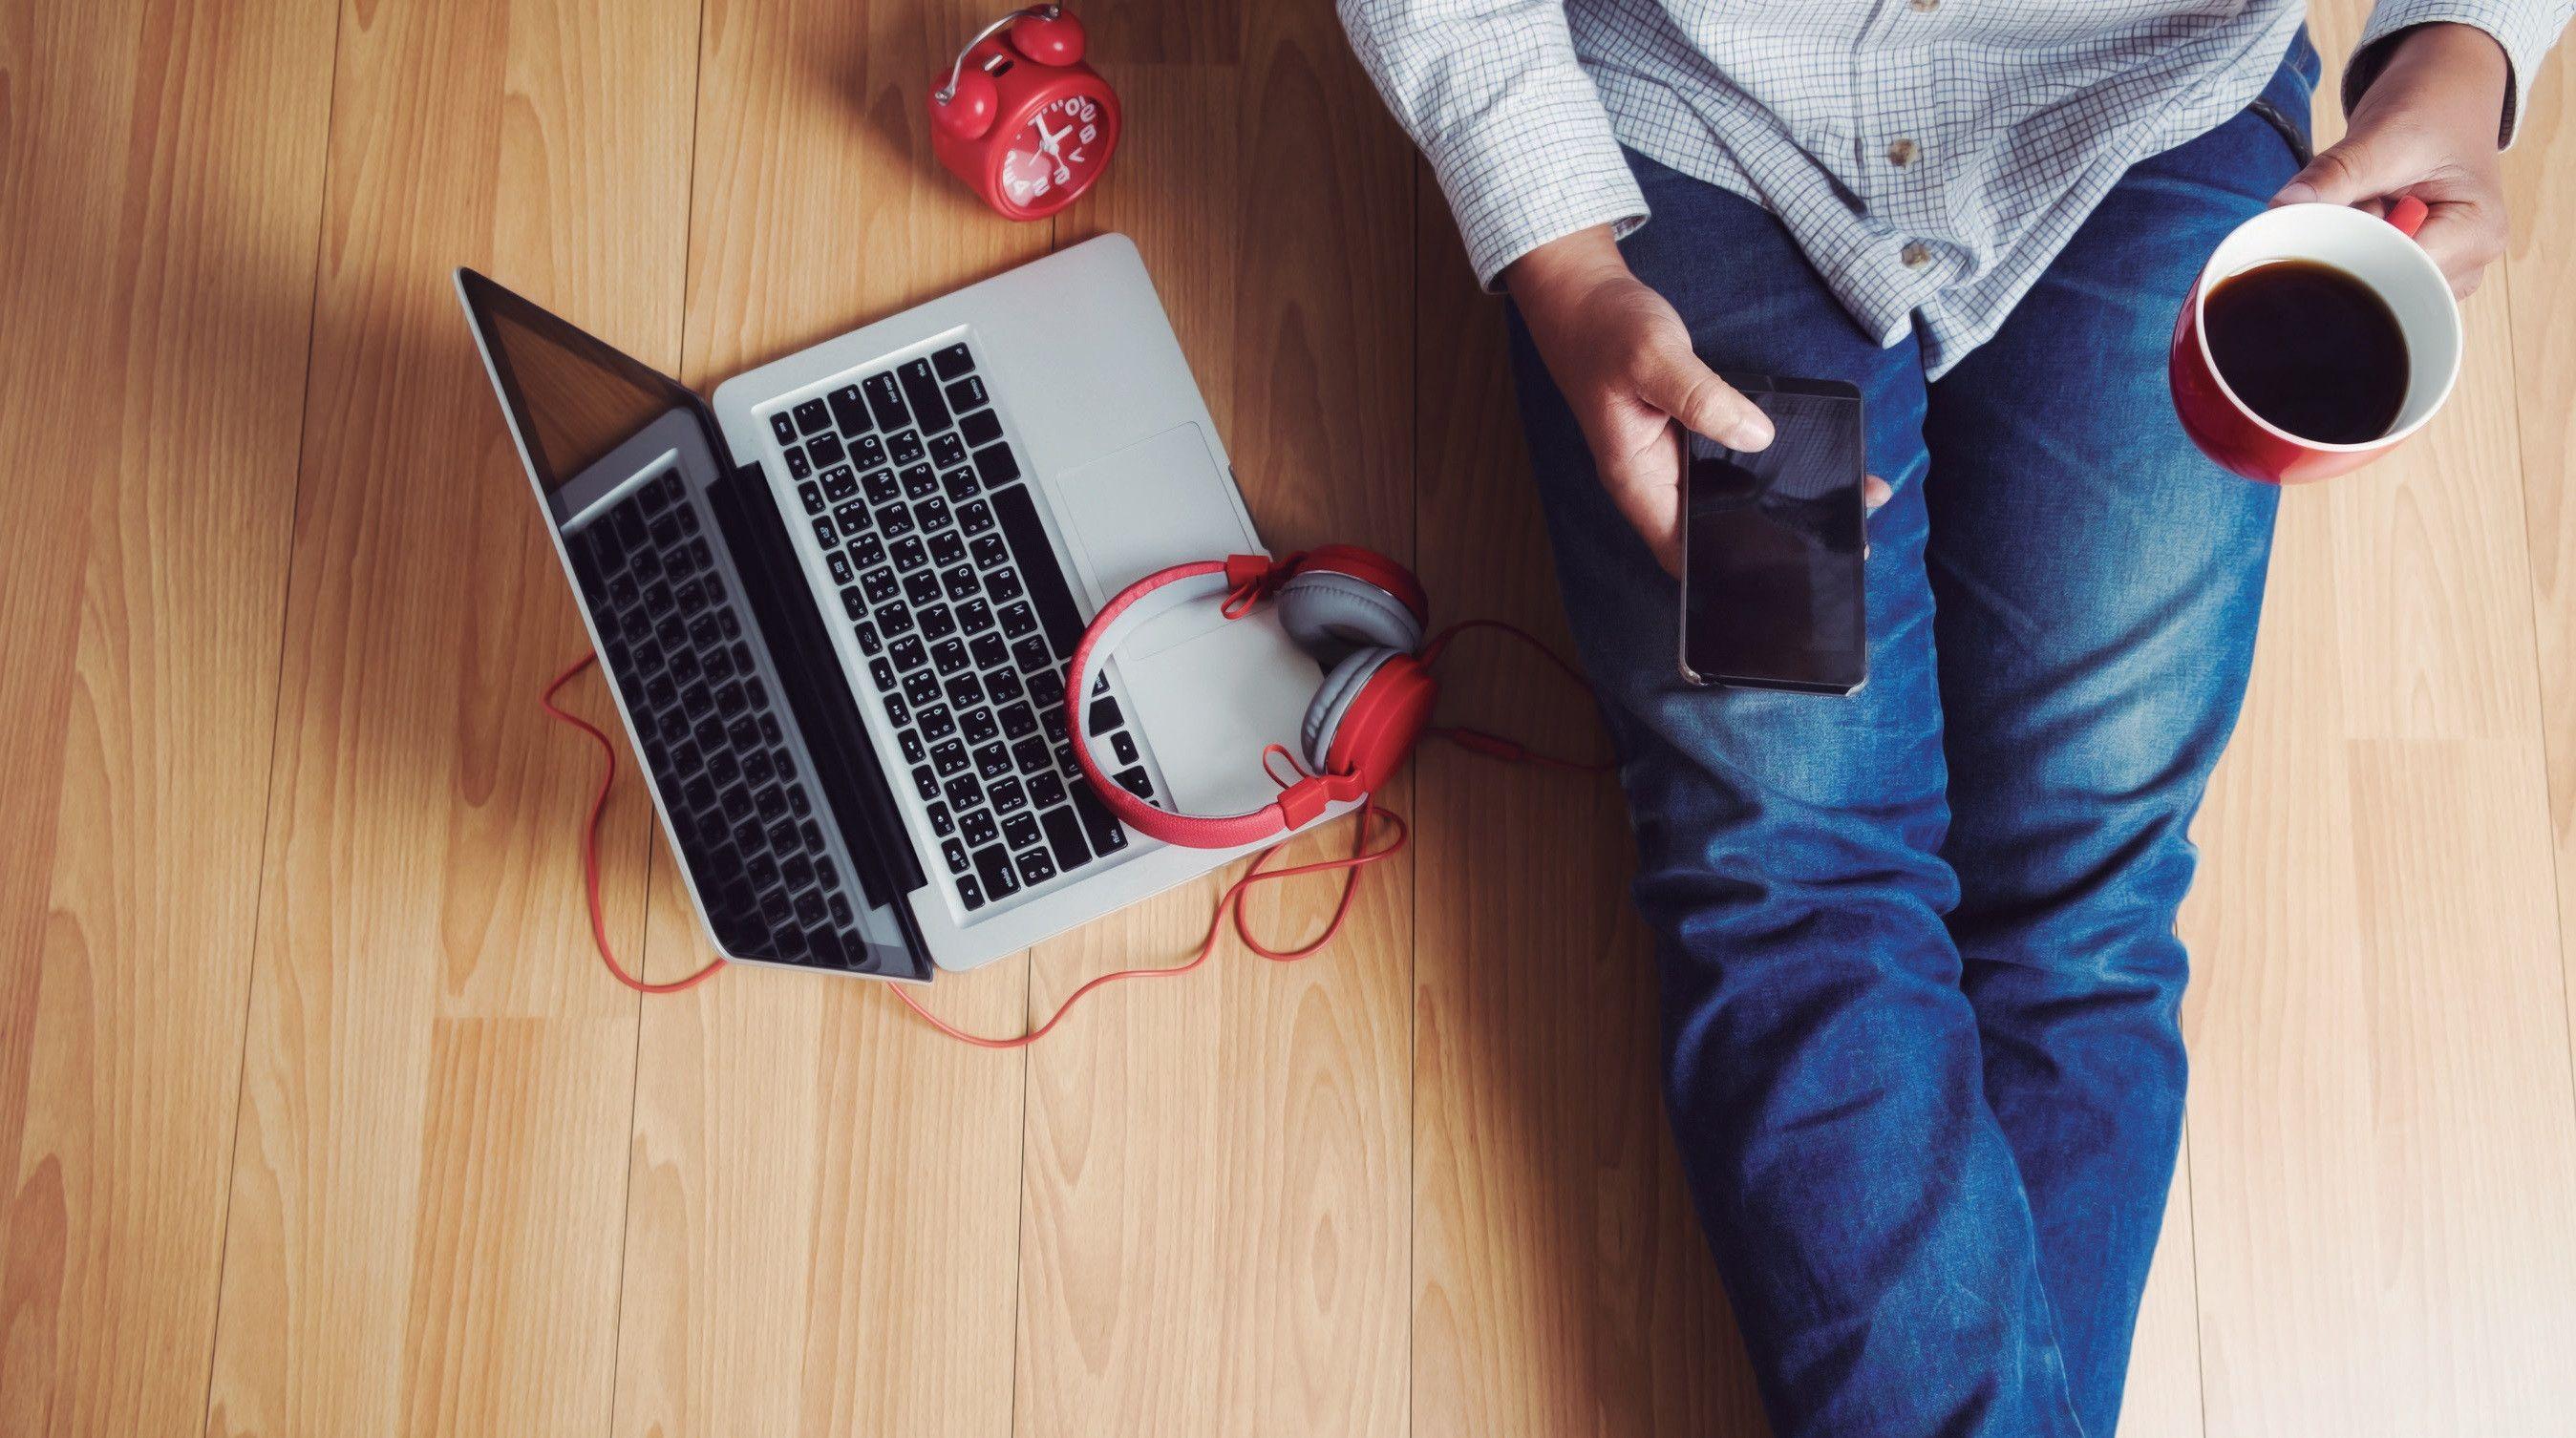 Capacitación E-Learning: una alternativa acertada para las empresas